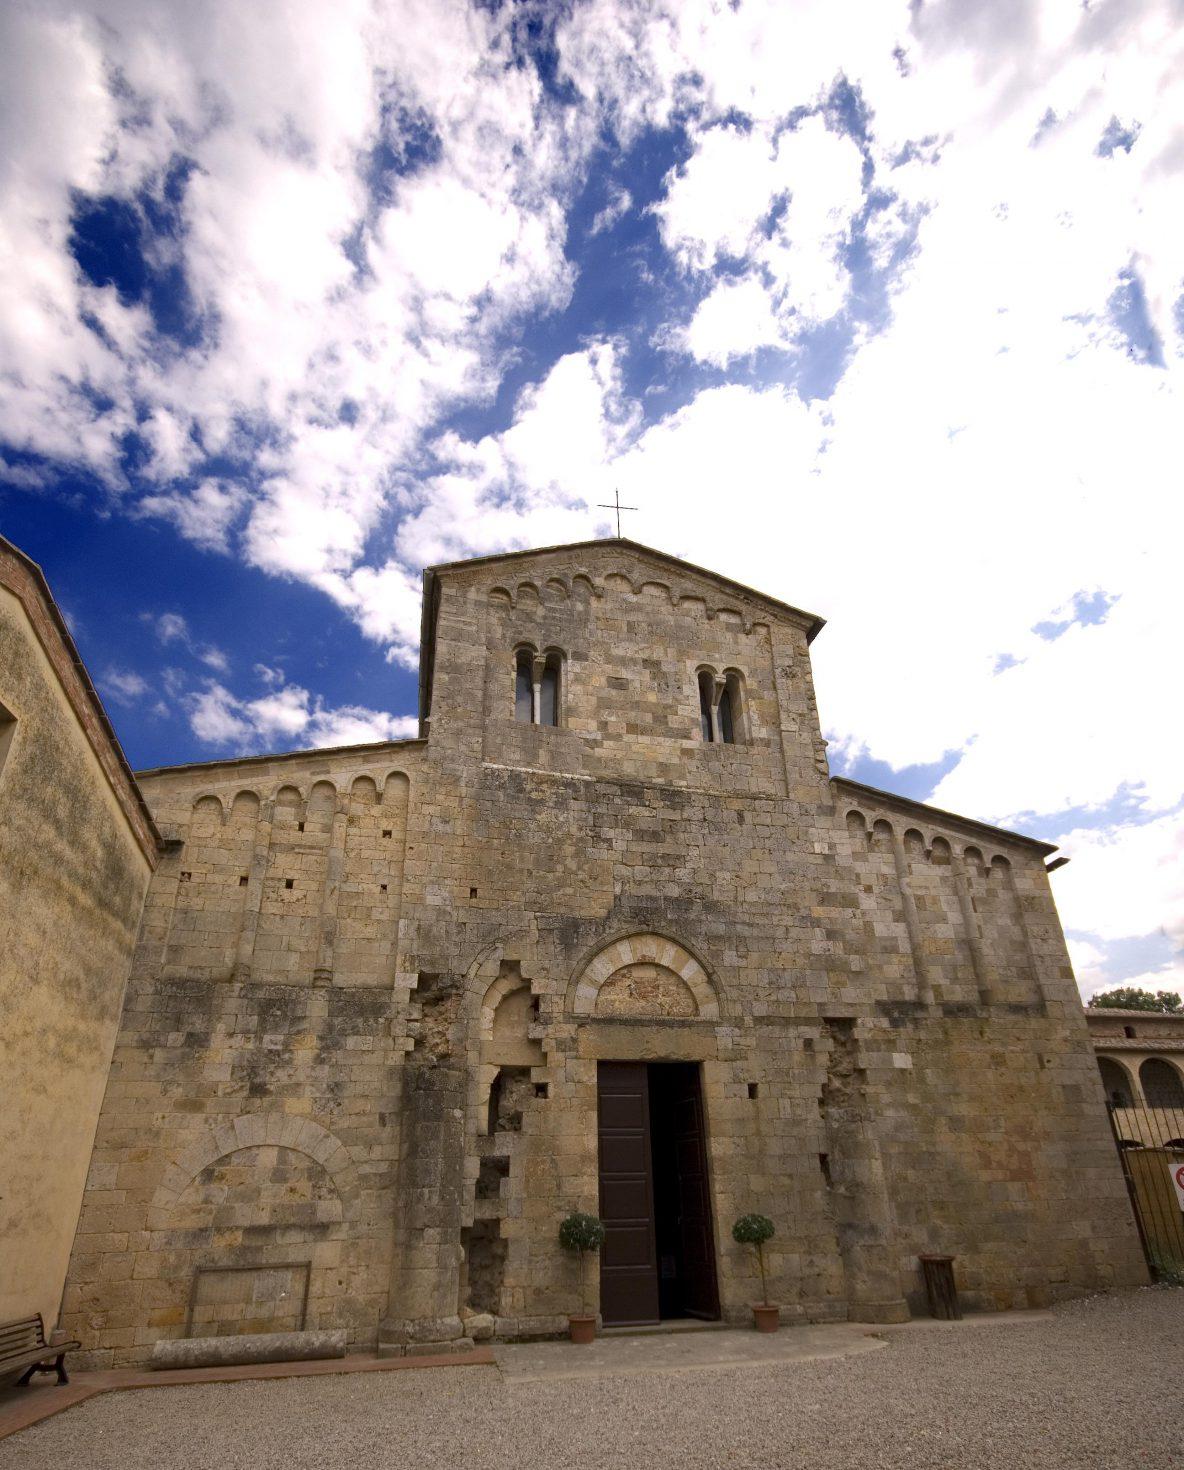 Abbadia Isola Toscana